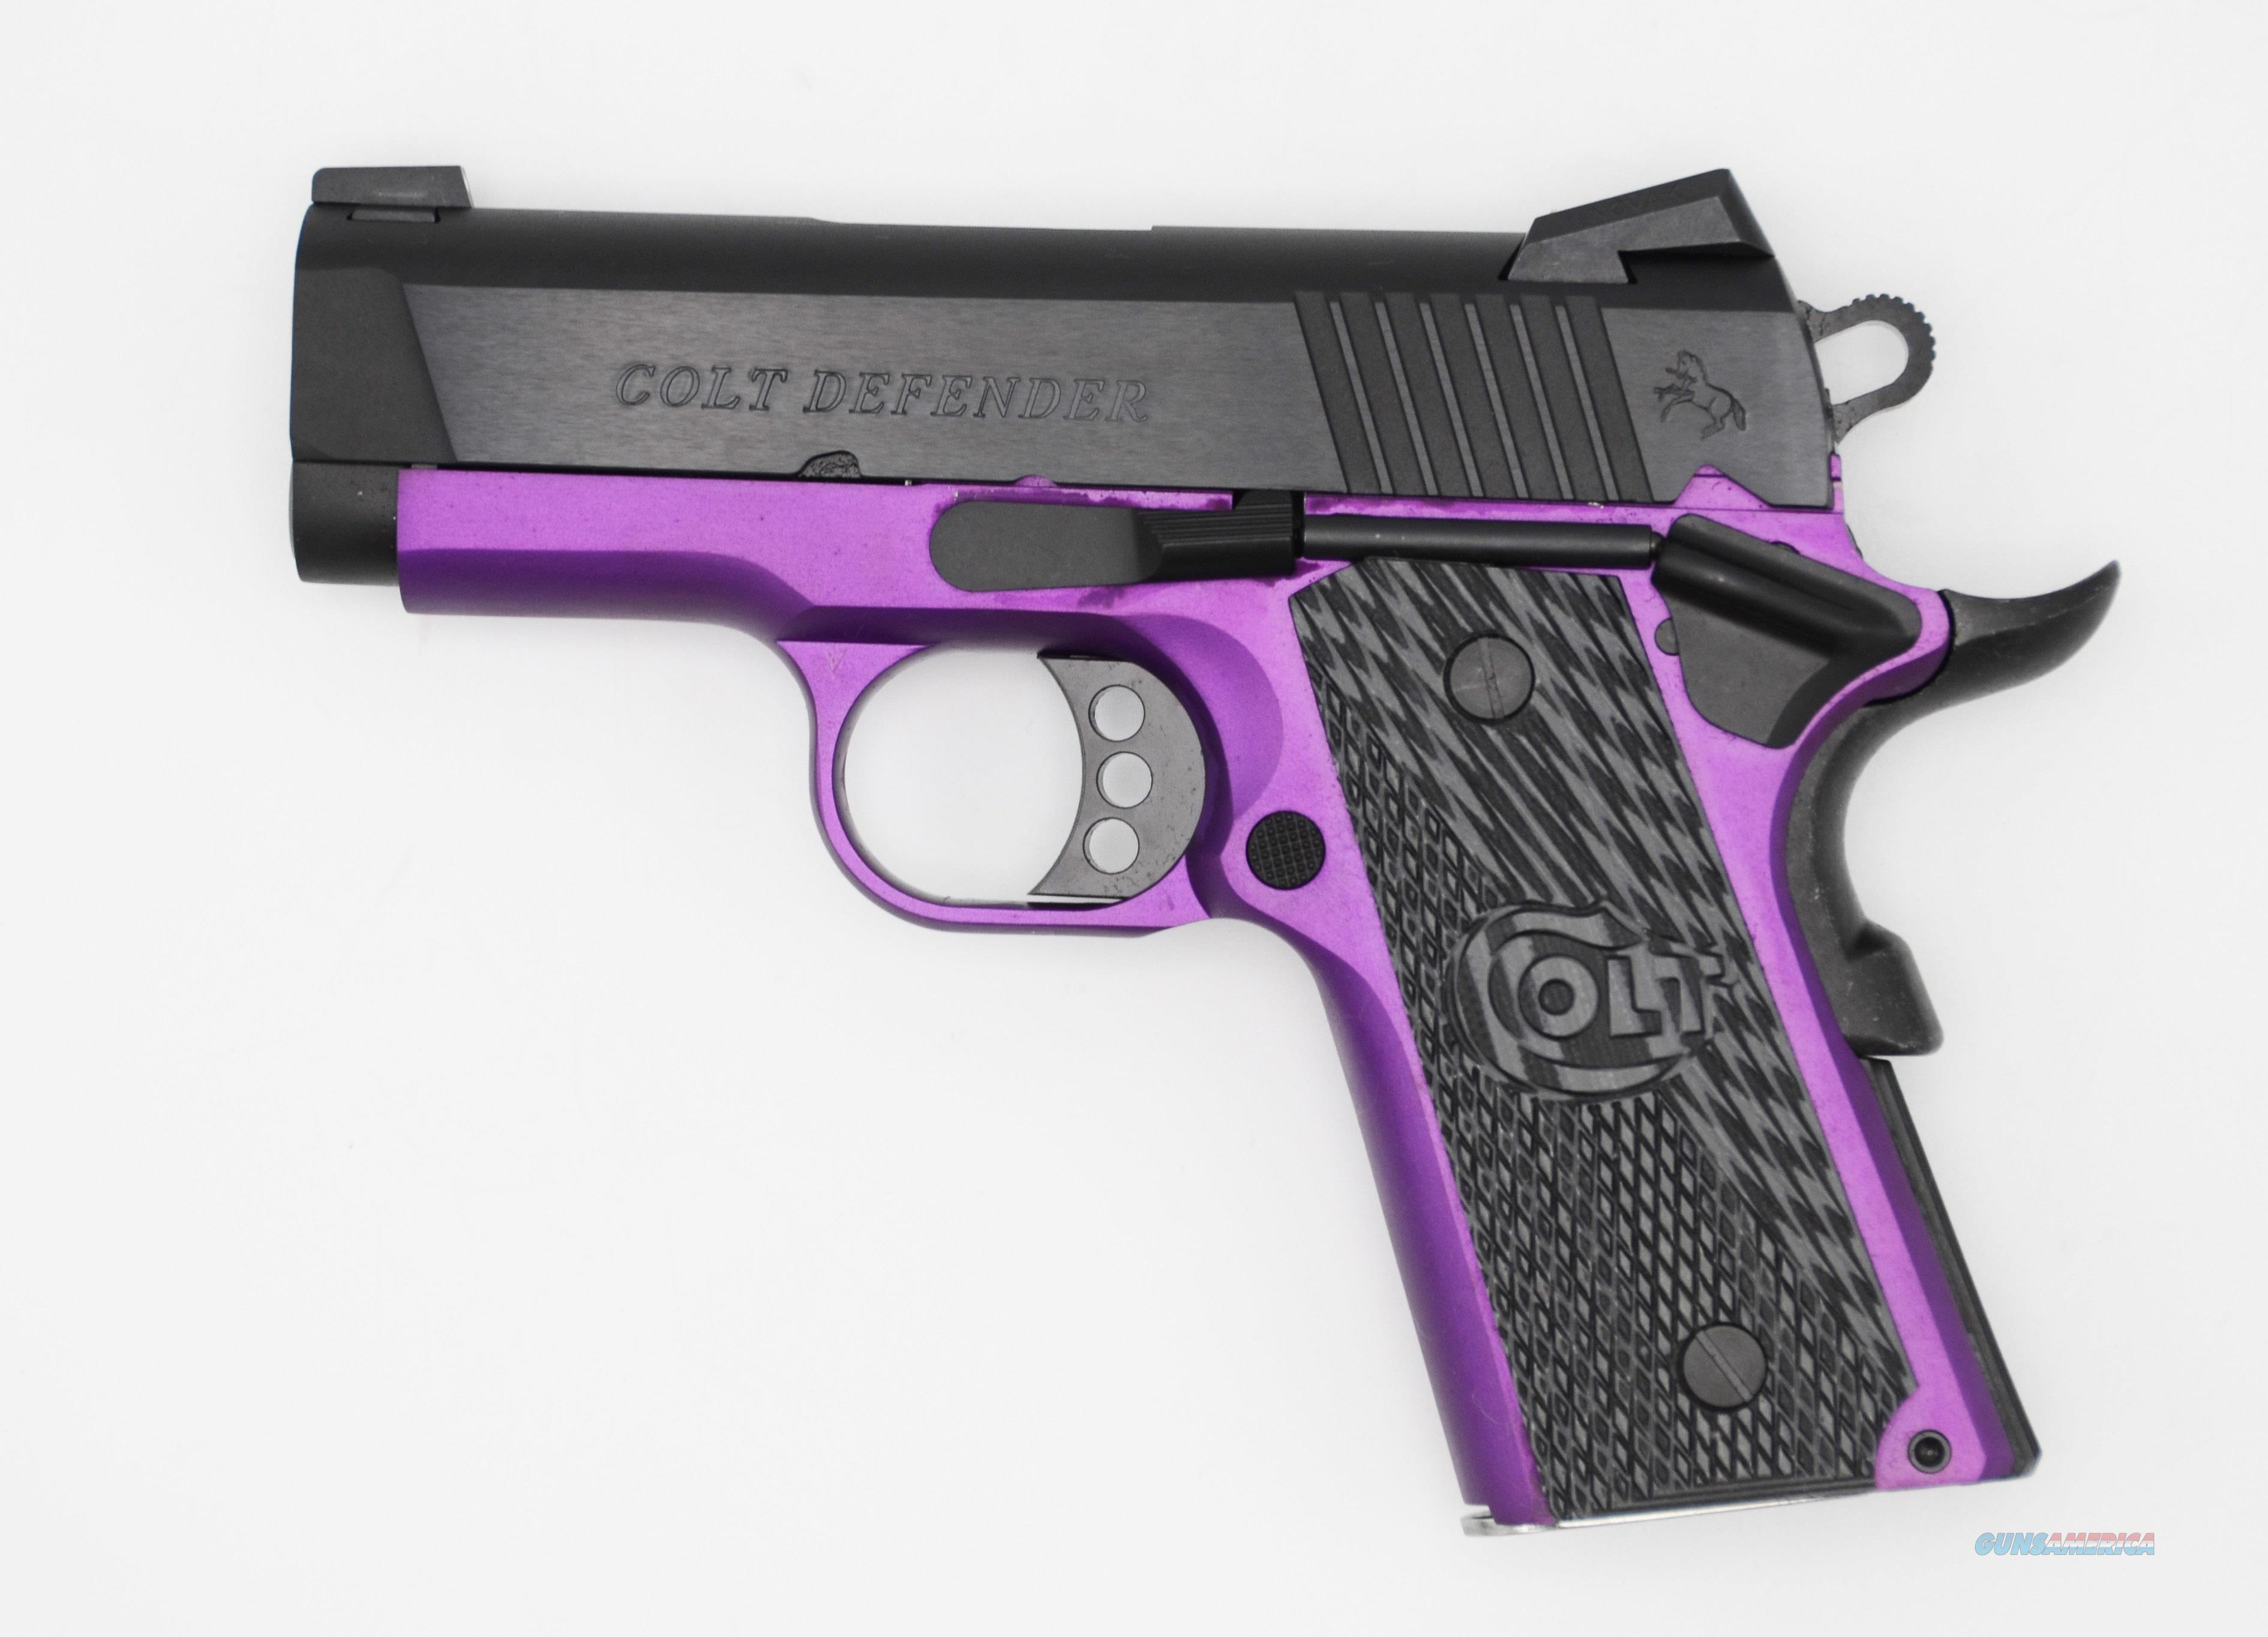 Colt DEFENDER 45ACP BL/PURPLE 3 ANODIZED PURPLE FRAME  Guns > Pistols > C Misc Pistols